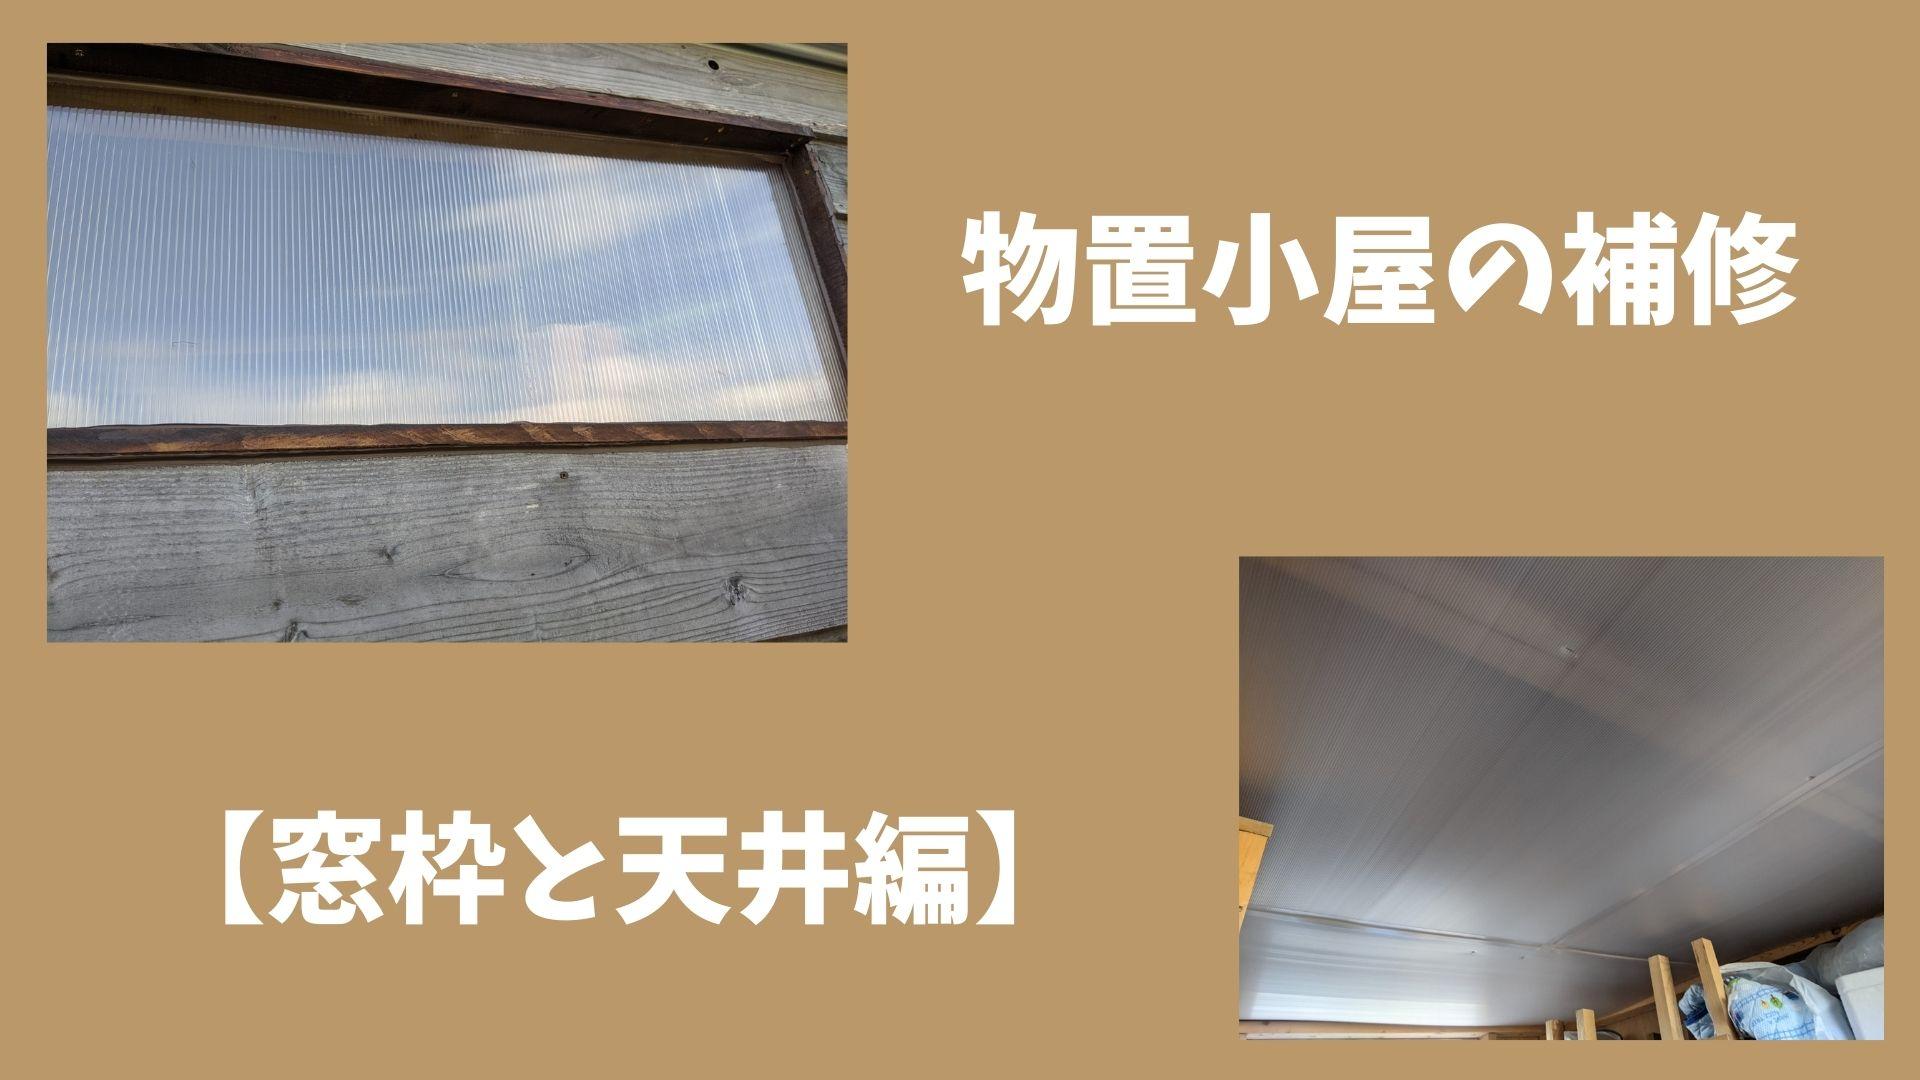 物置小屋の補修 窓枠と天井編